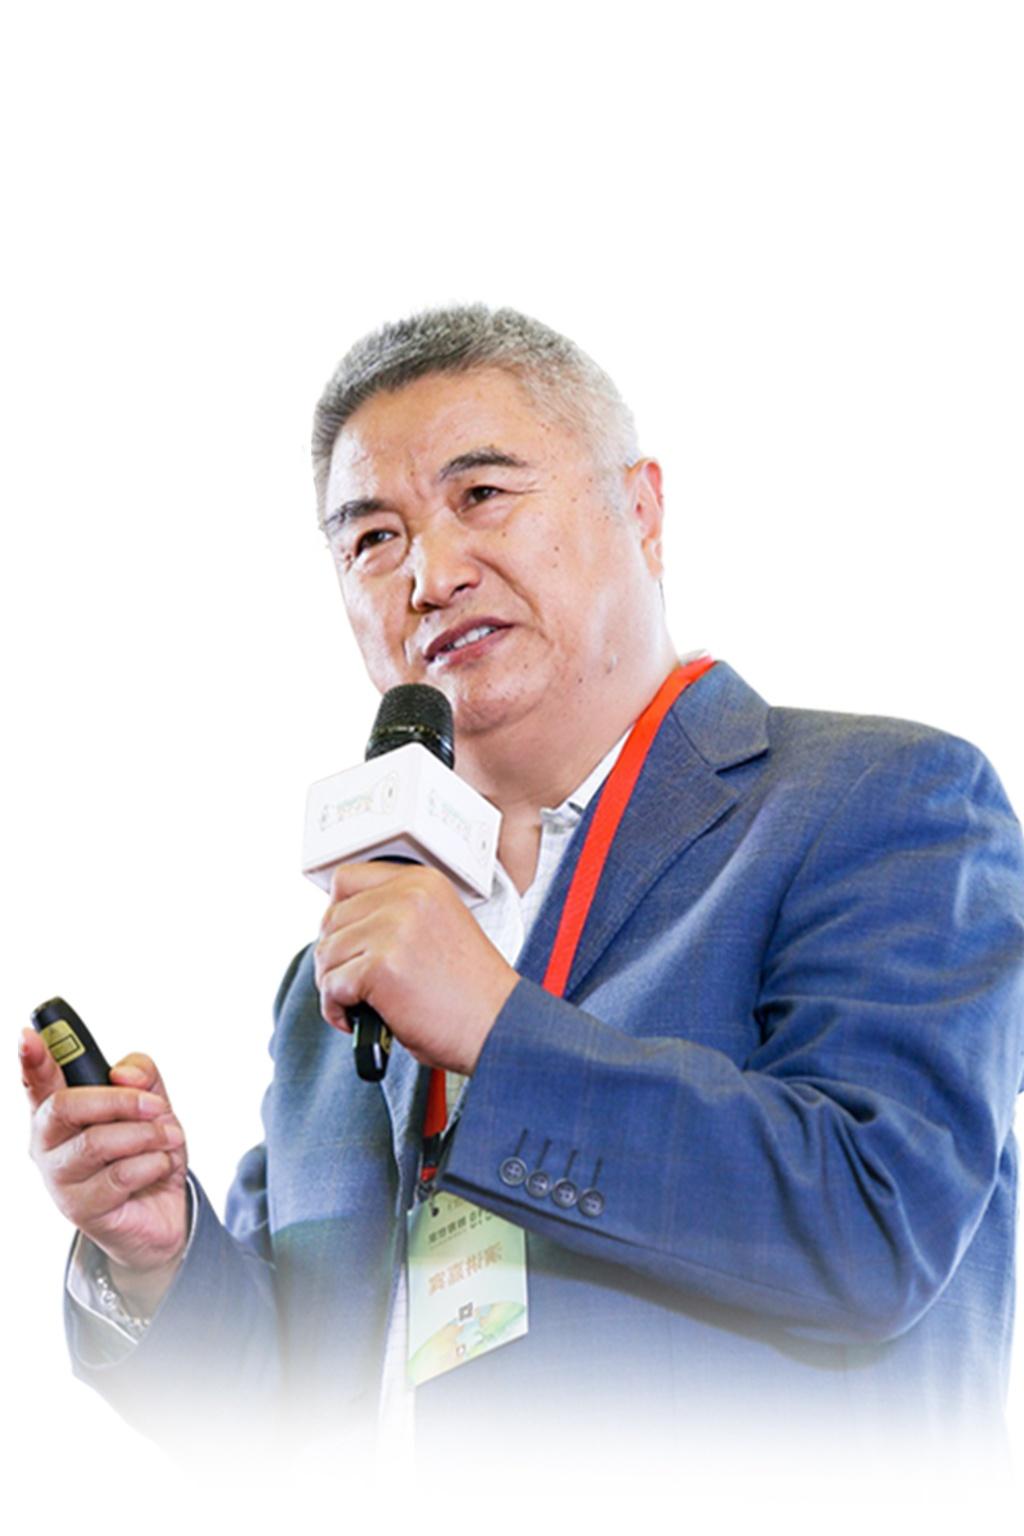 孙云晓 中国青少年研究中心家庭教育首席专家,首都师范大学特聘教授